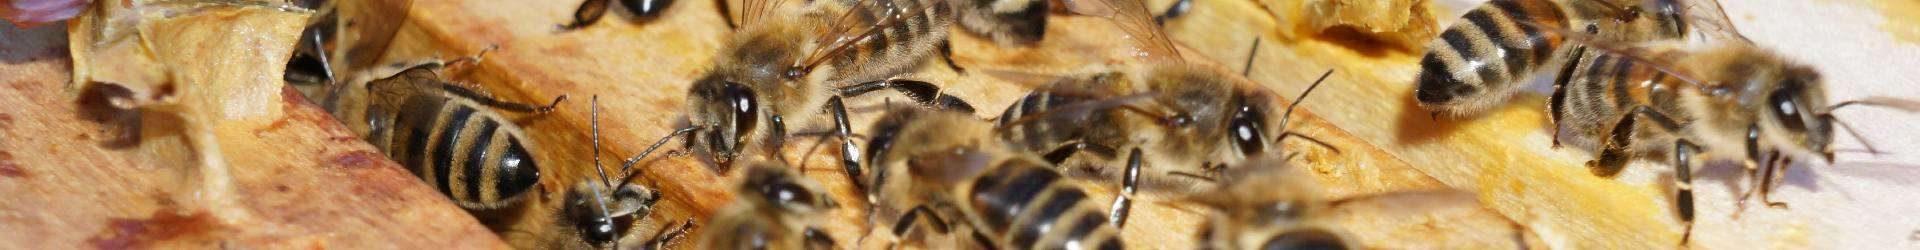 Impressionen beim Bienenvölker-Check